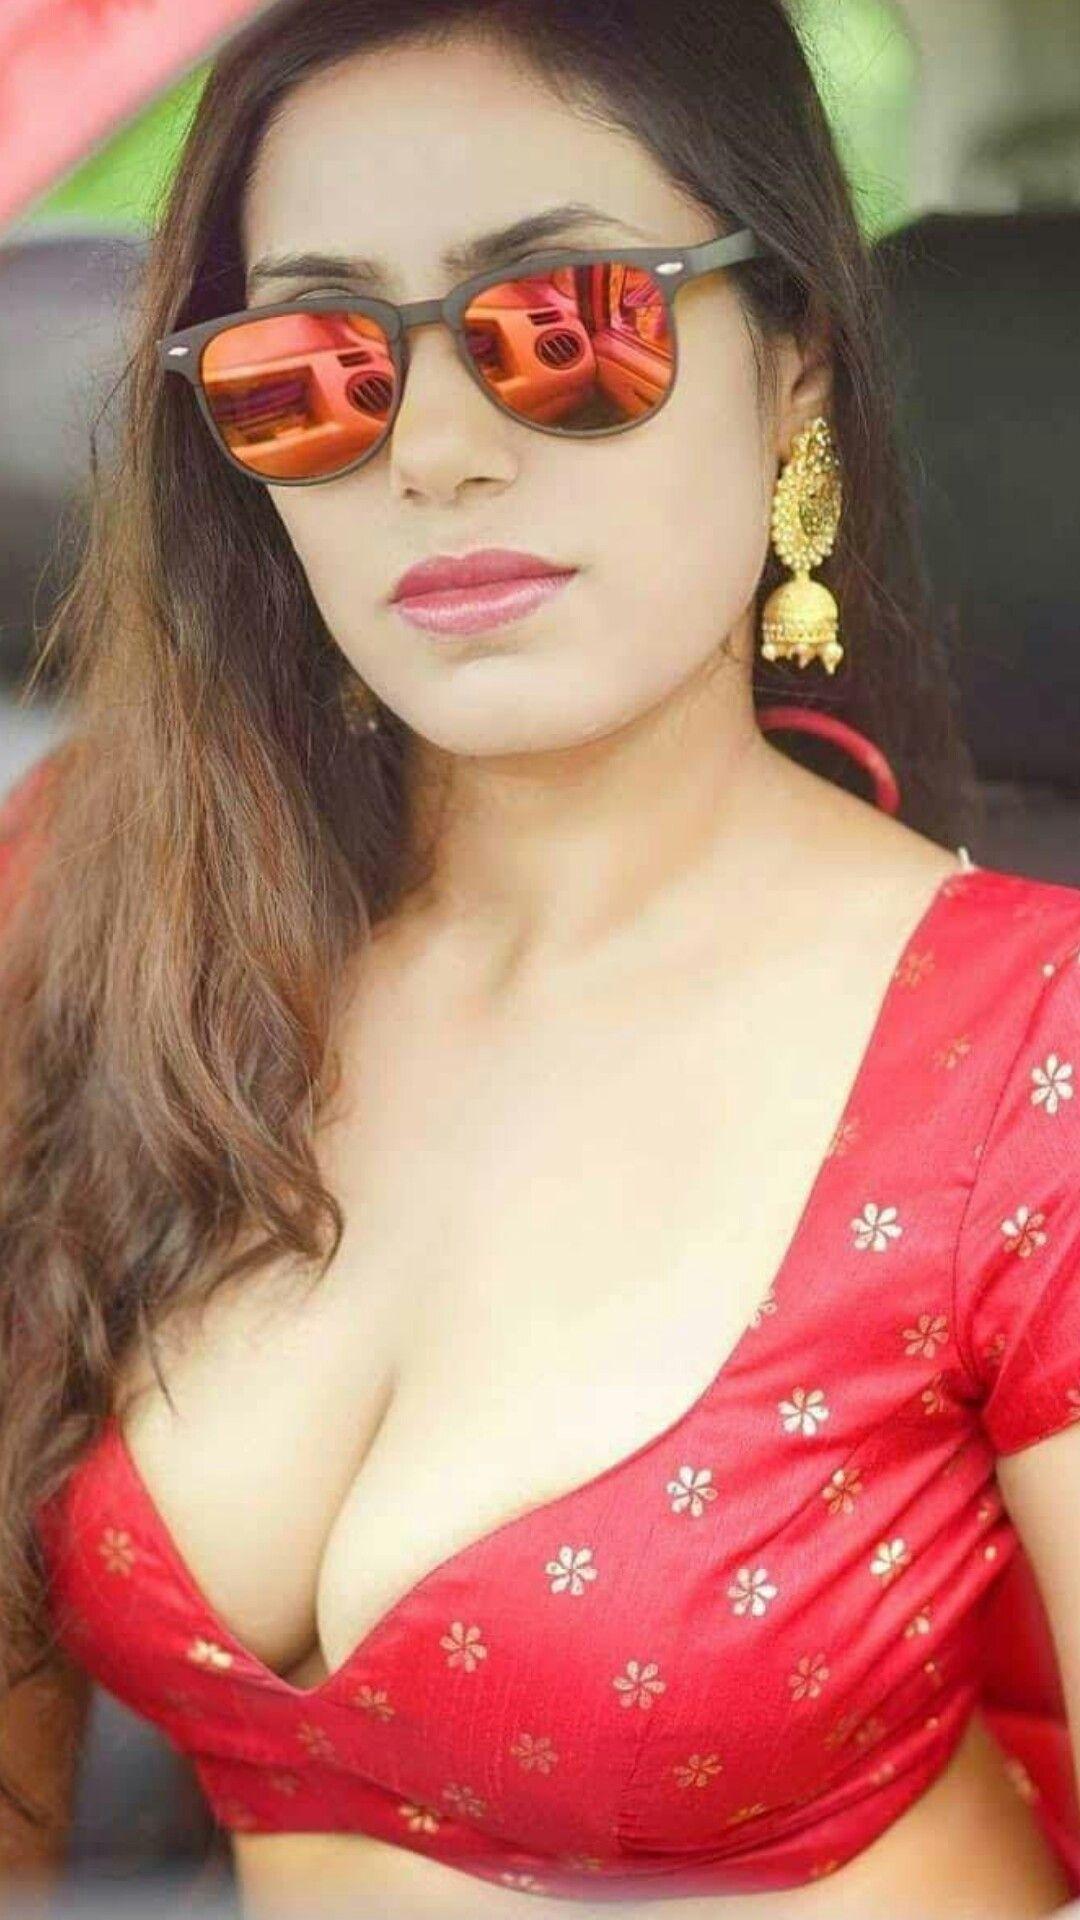 Teen puta most beautiful boobs pakistani girls